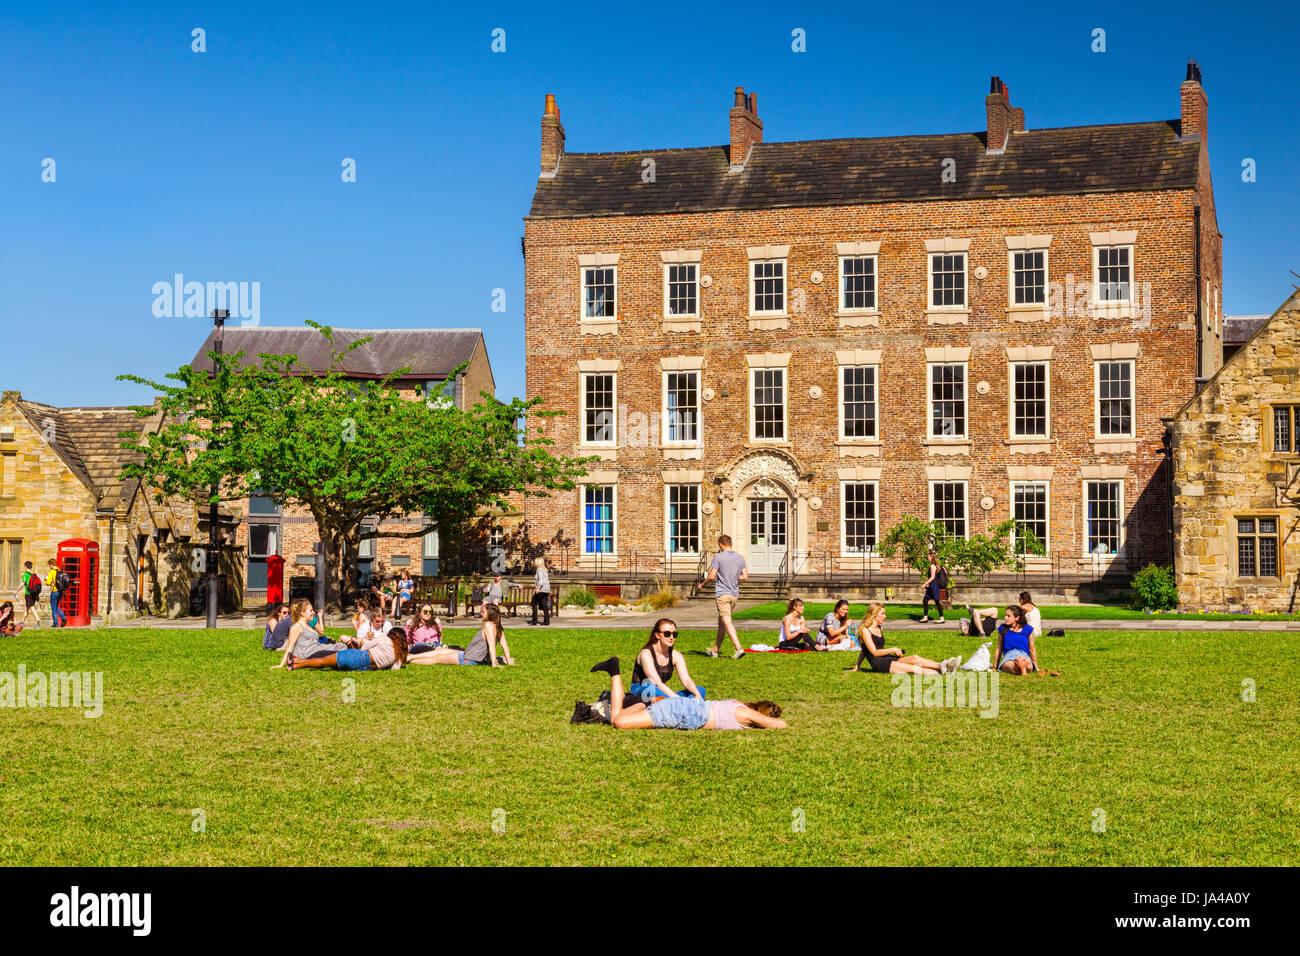 25 Mai 2017: ville de Durham, England, UK - étudiants et touristes profitant du soleil sur Palace Green. Photo Stock